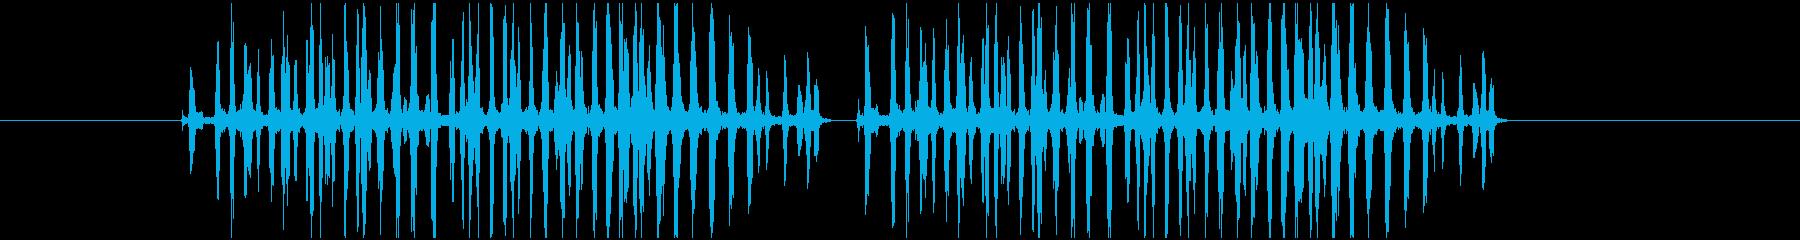 文鳥が怒っている鳴き声の音の再生済みの波形